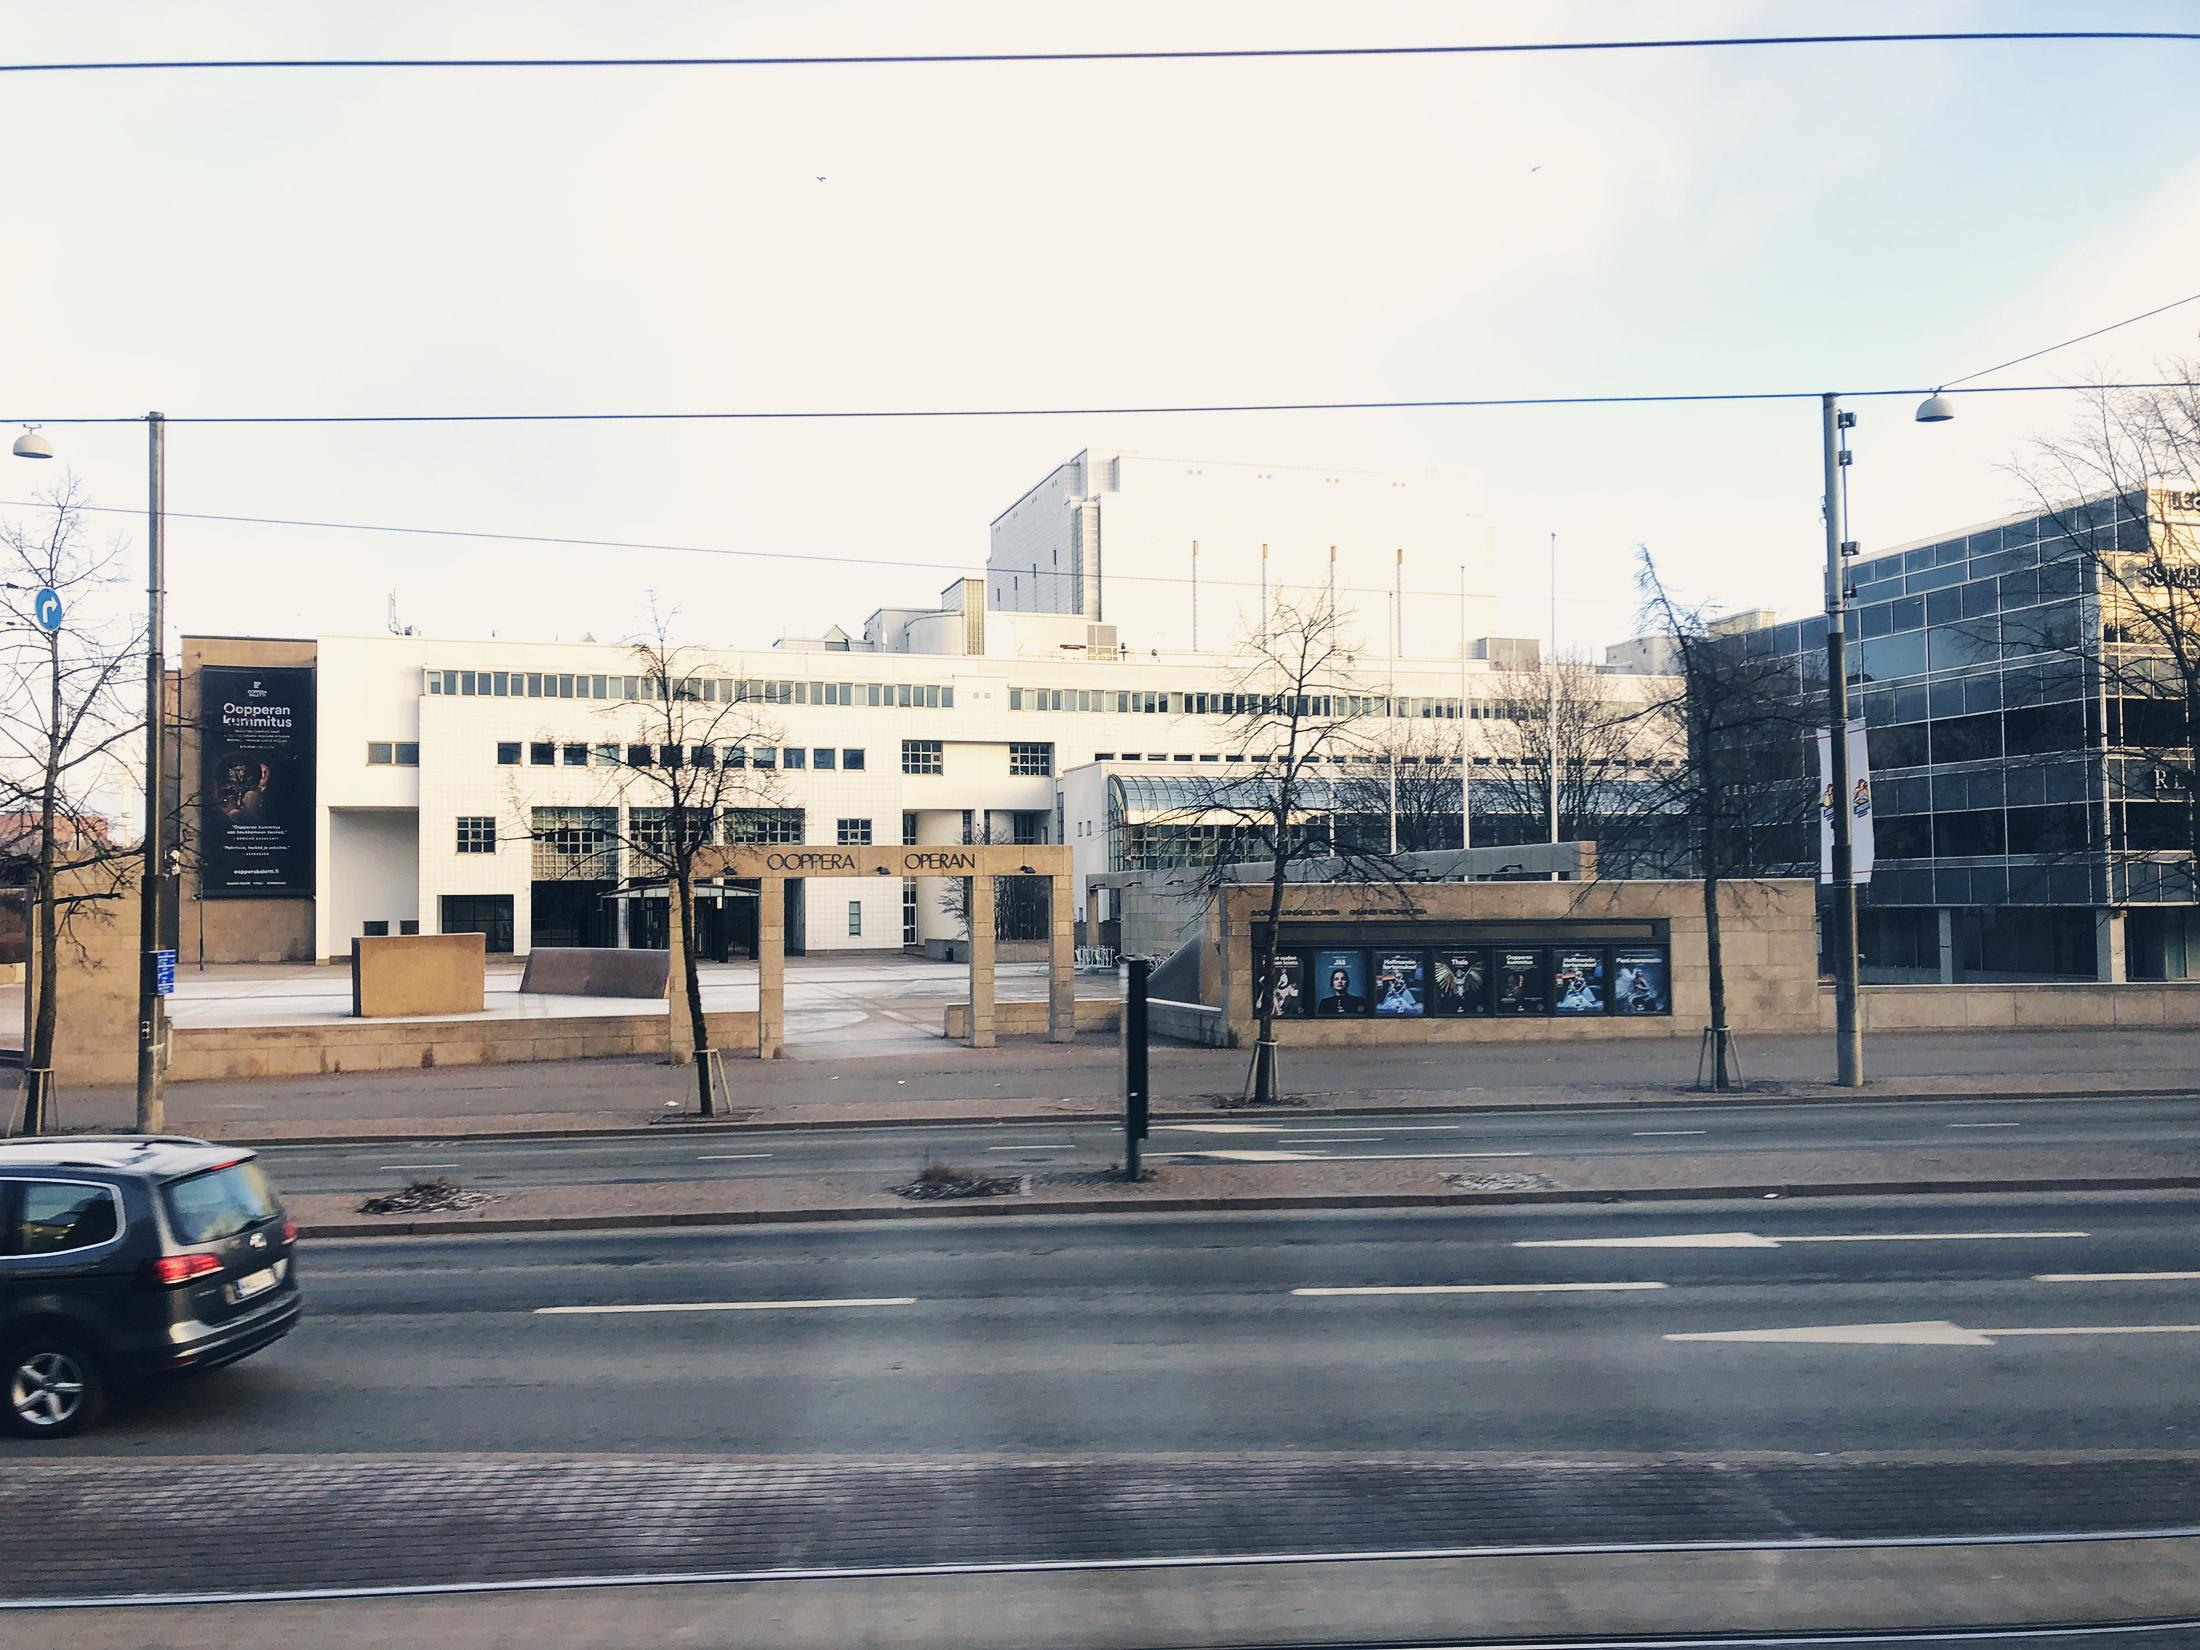 Finlands nationalopera